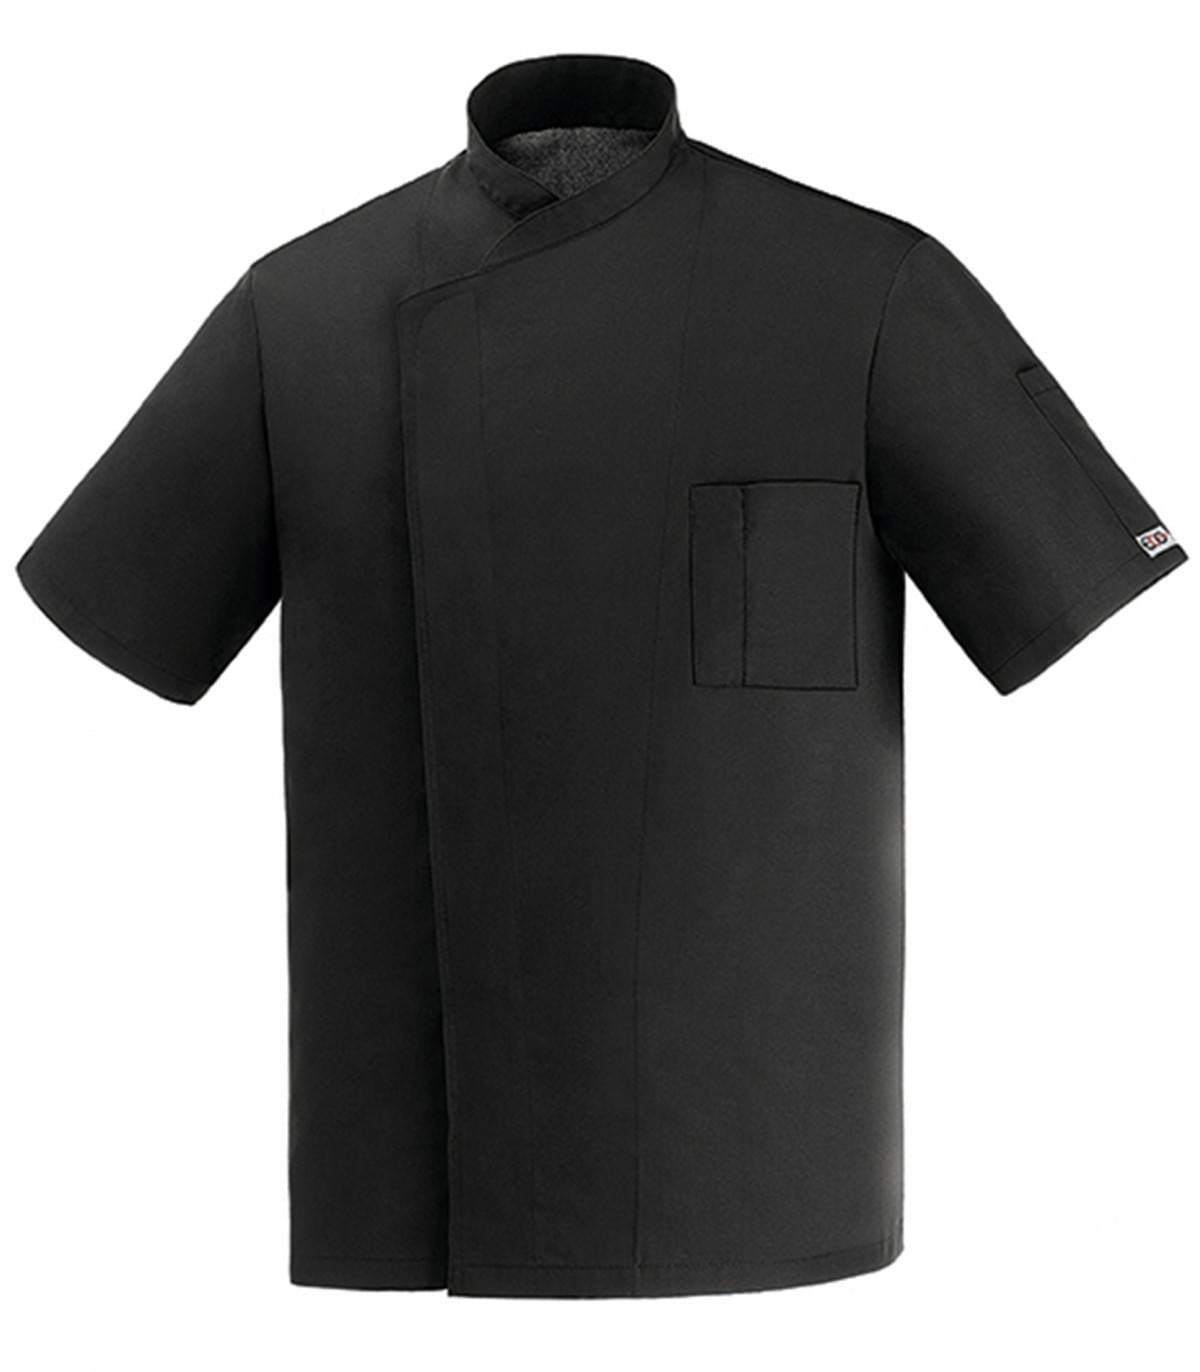 μπλούζα μάγειρα μάυρη egochef microfiber